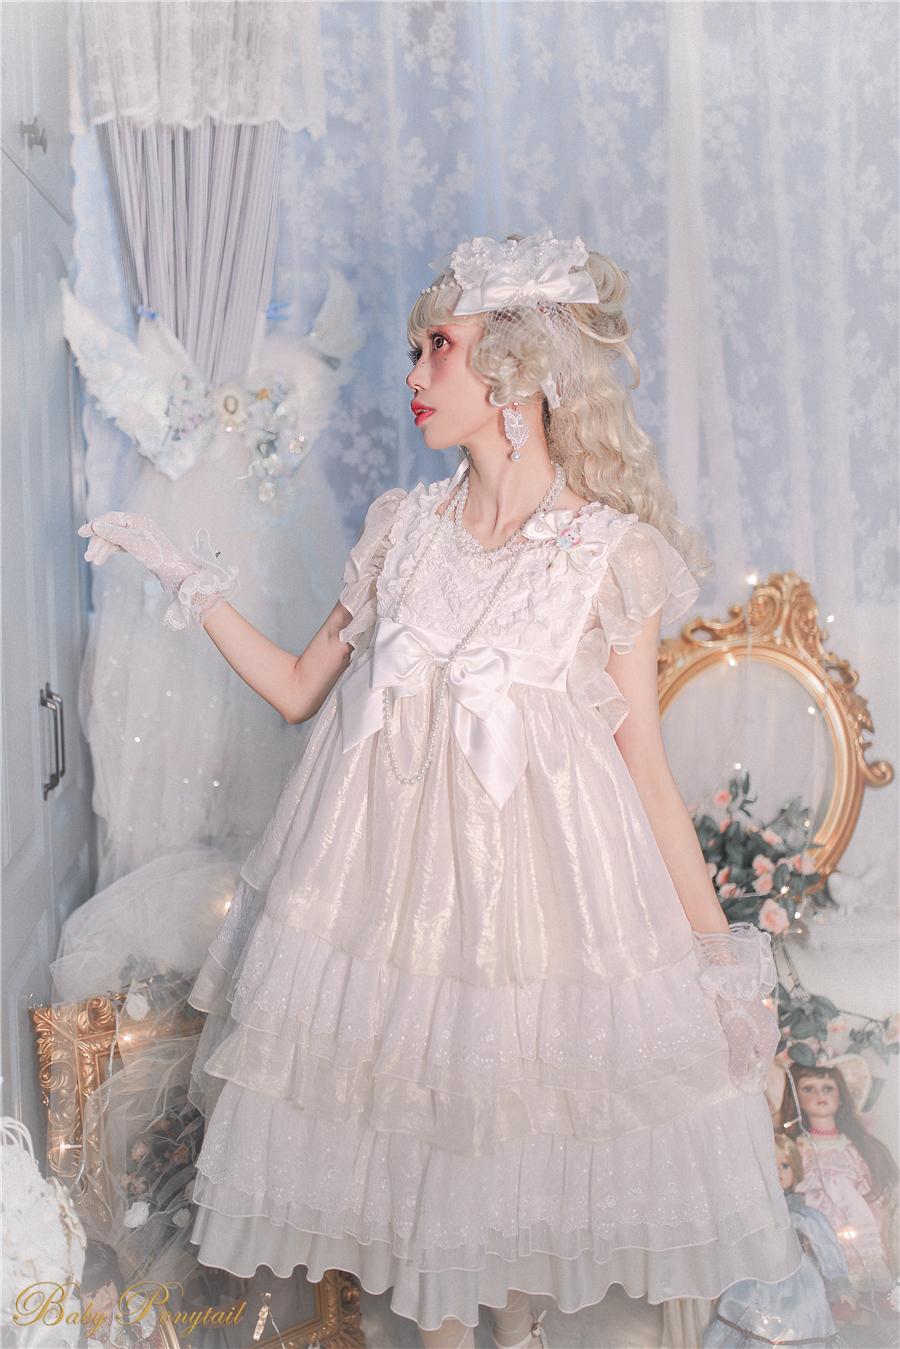 Babyponytail_Model Photo_Present Angel_JSK white_2_Kaka_11.jpg